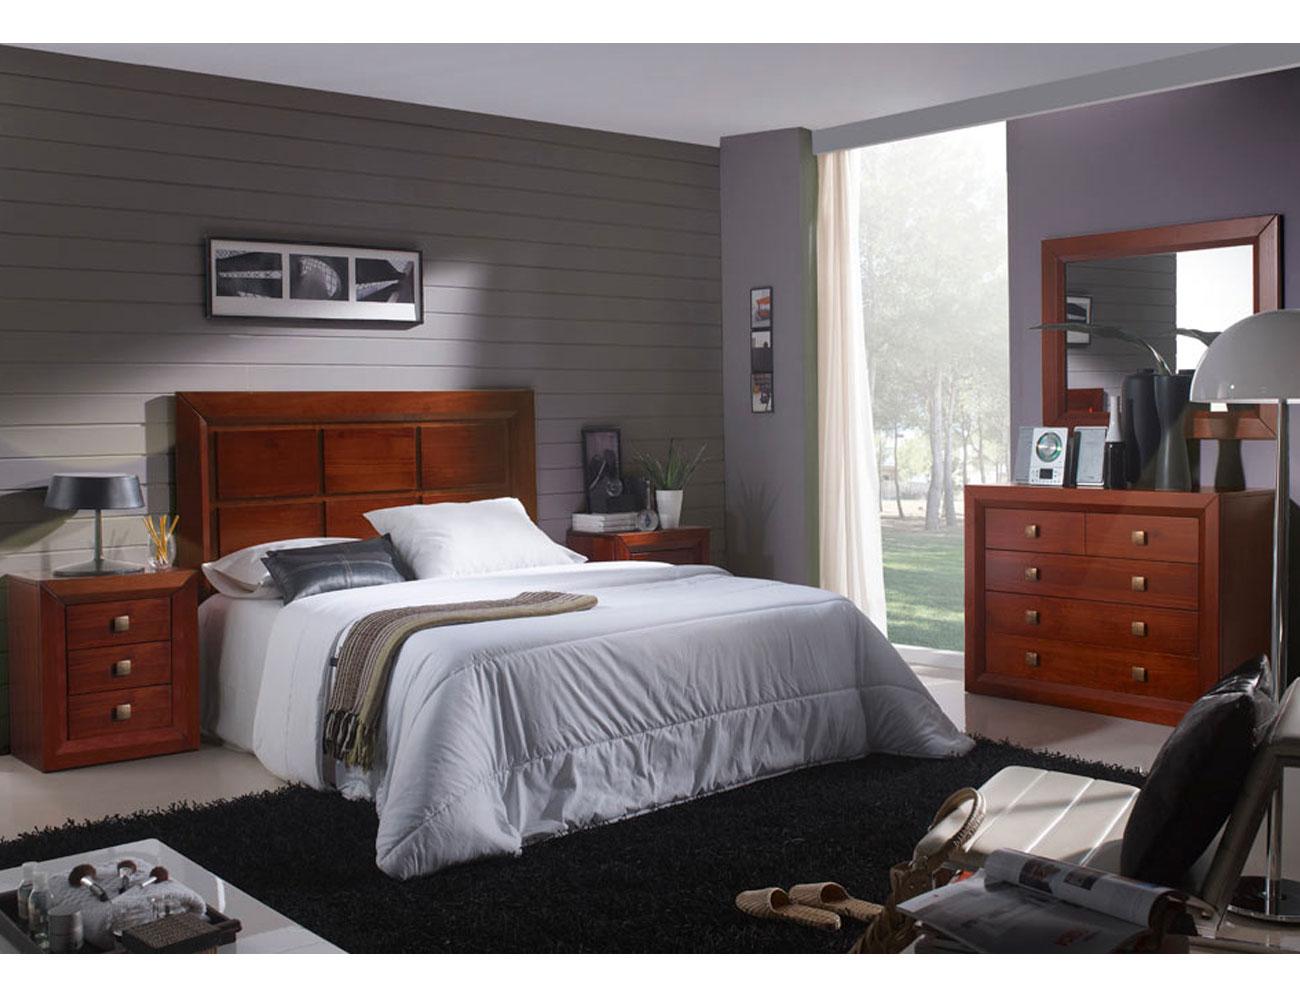 Dormitorio matrimonio comoda 5c nogal madera dm3